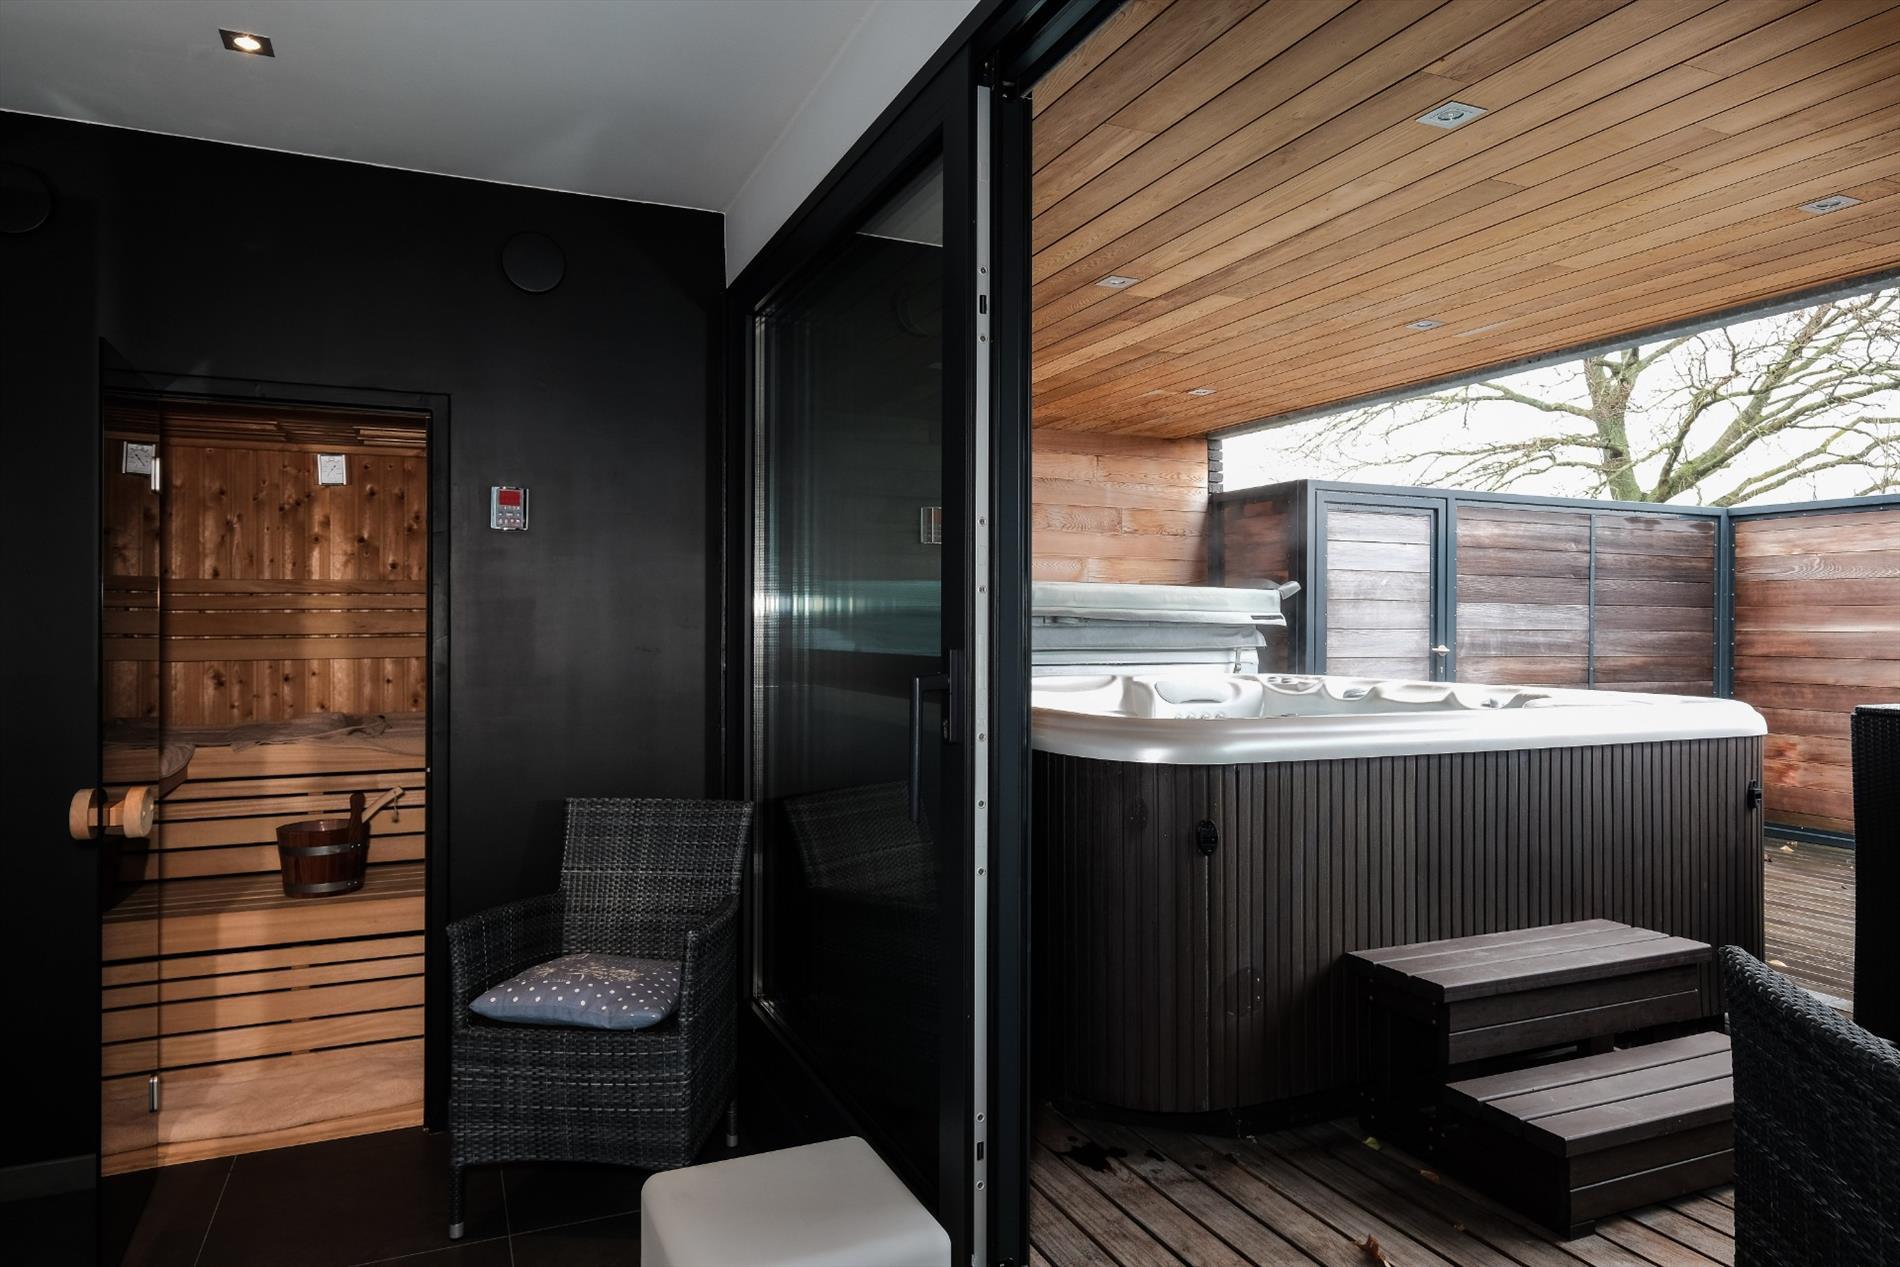 https://www.hillewaere-vastgoed.be/assets/images/properties/5572625/22/1522248277-ruime-villa-met-3-4-slaapkamers-dakterras-garage-relaxruimte-kelder-en-bureau-22.jpg